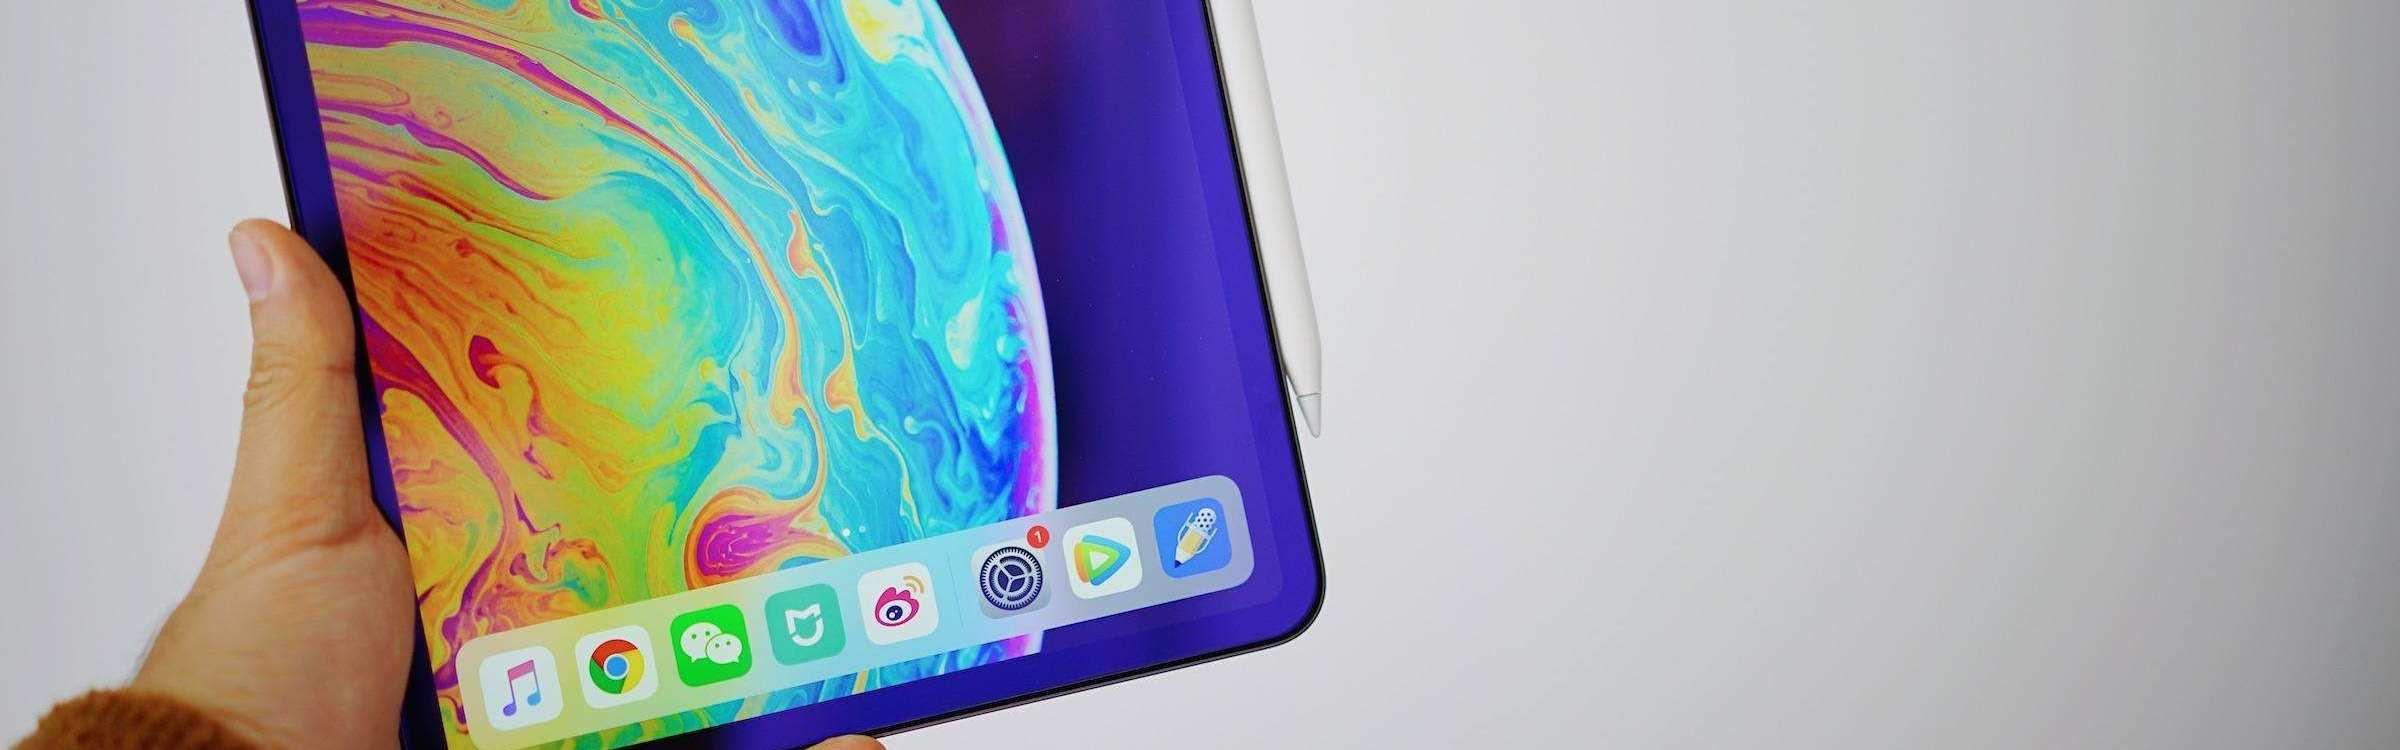 上海顶钰信息科技有限公司租Apple iPad Pro 11租赁